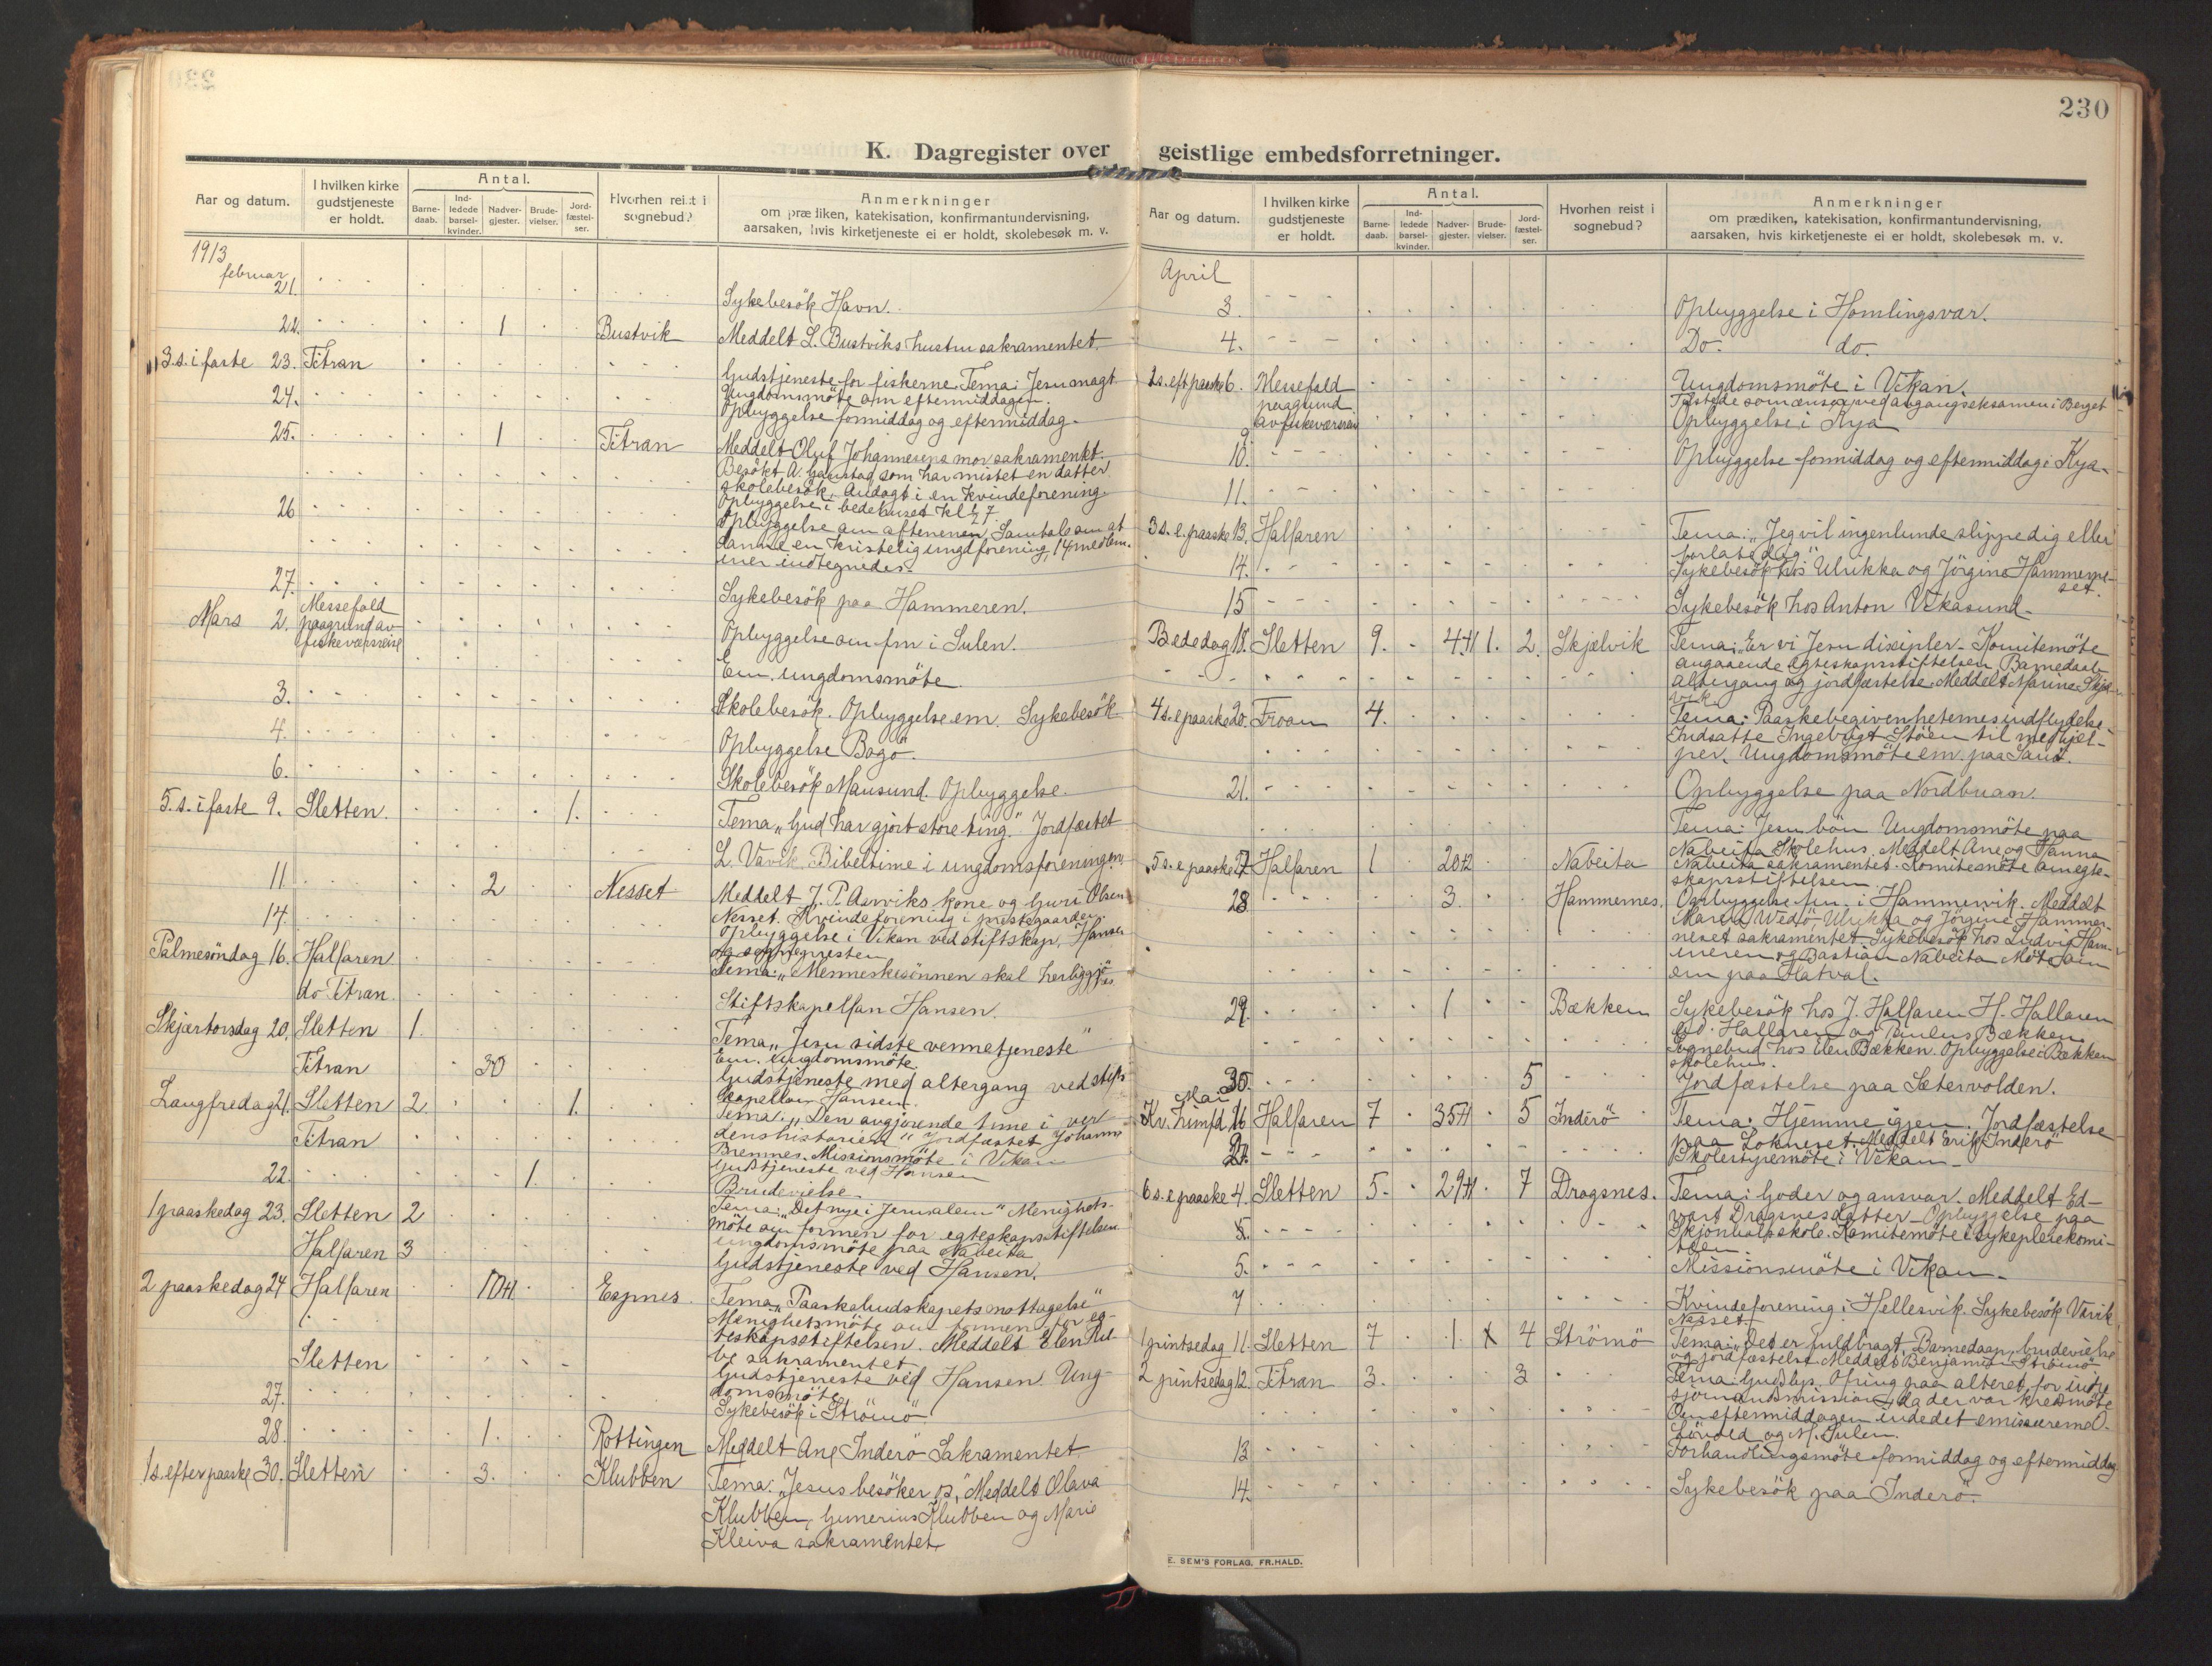 SAT, Ministerialprotokoller, klokkerbøker og fødselsregistre - Sør-Trøndelag, 640/L0581: Ministerialbok nr. 640A06, 1910-1924, s. 230